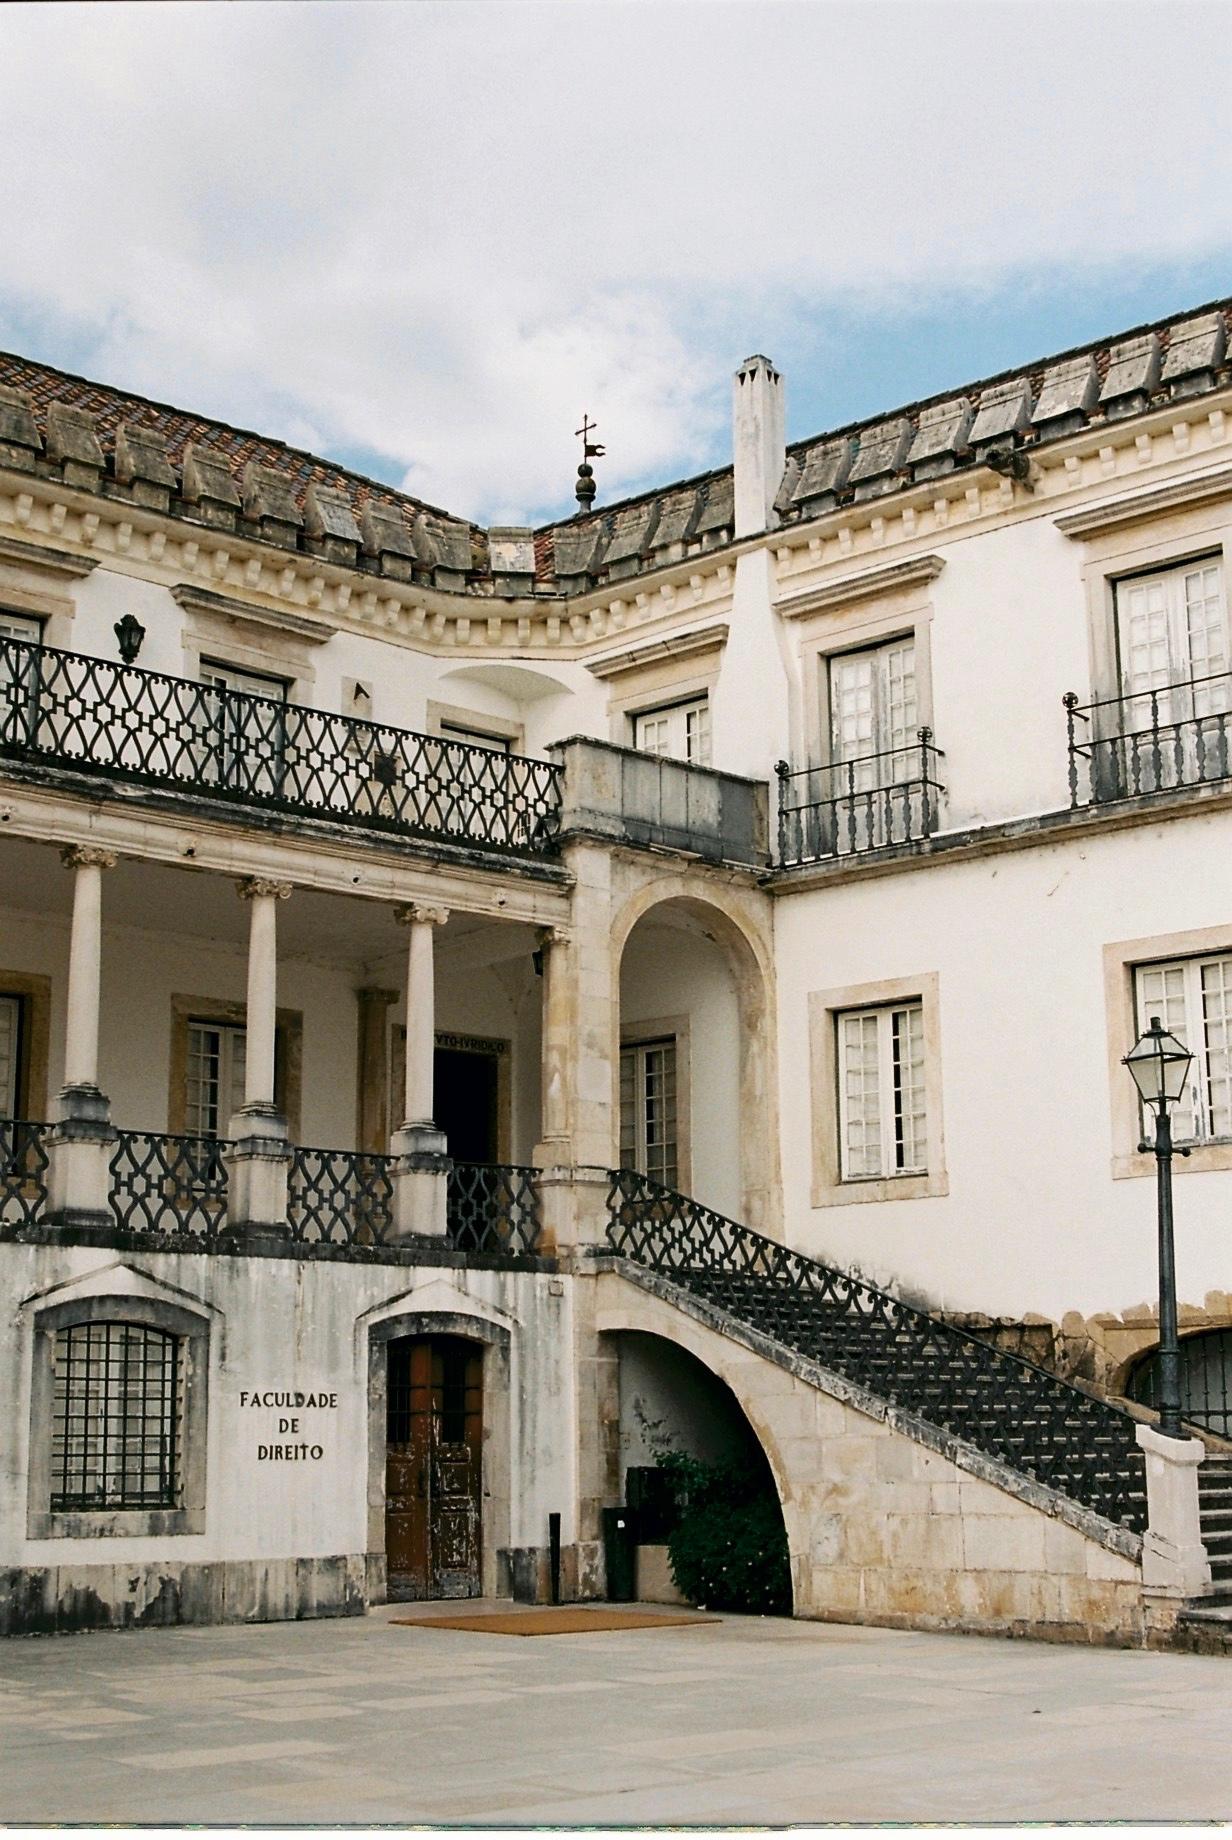 Coimbra 08-2019 - 57 of 62